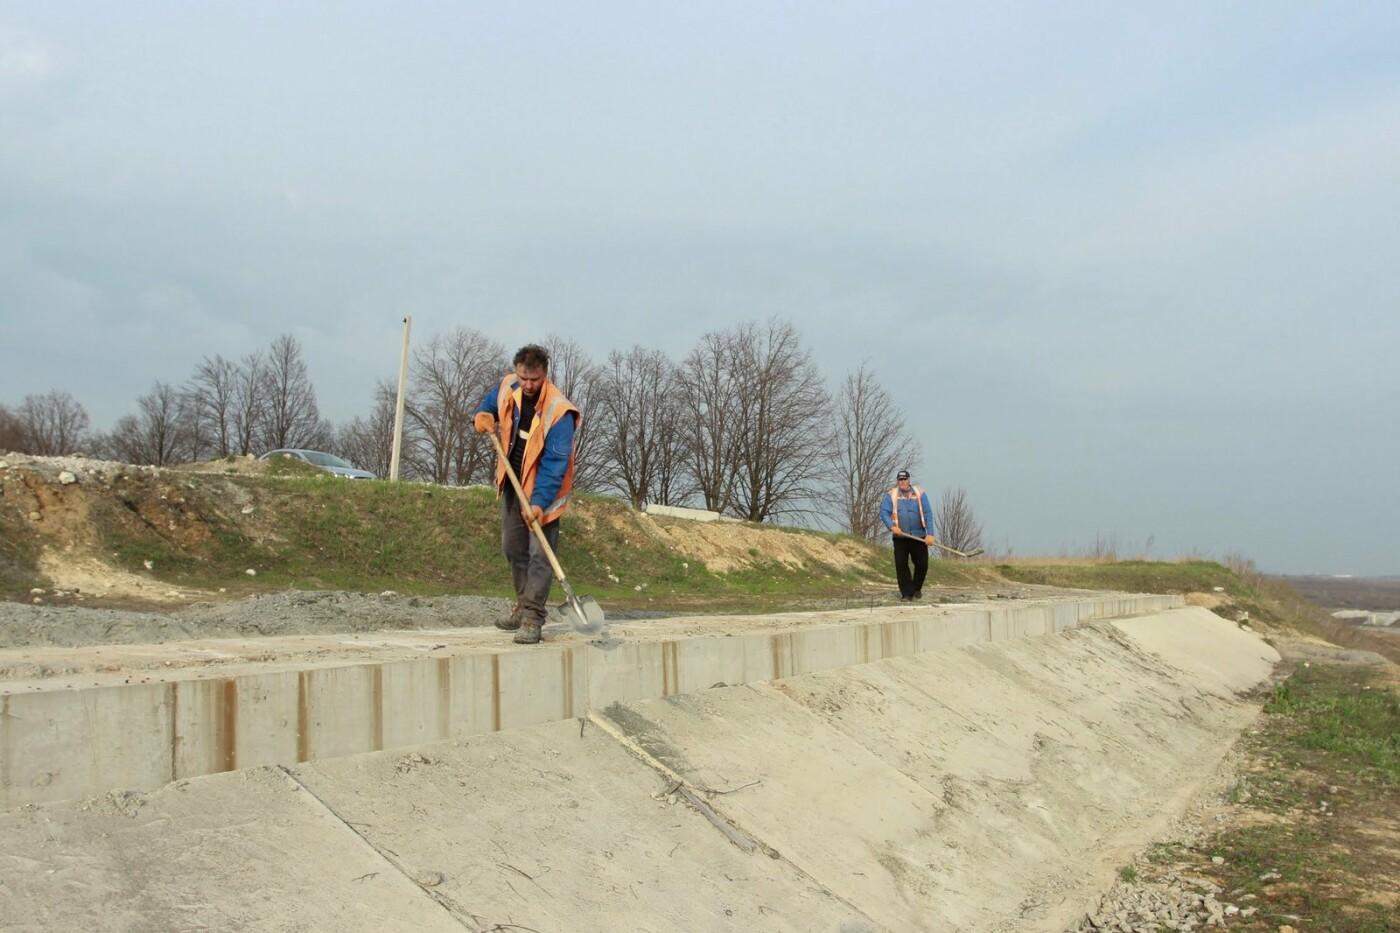 Началось строительство второй очереди объездной дороги вокруг Днепра, фото-4